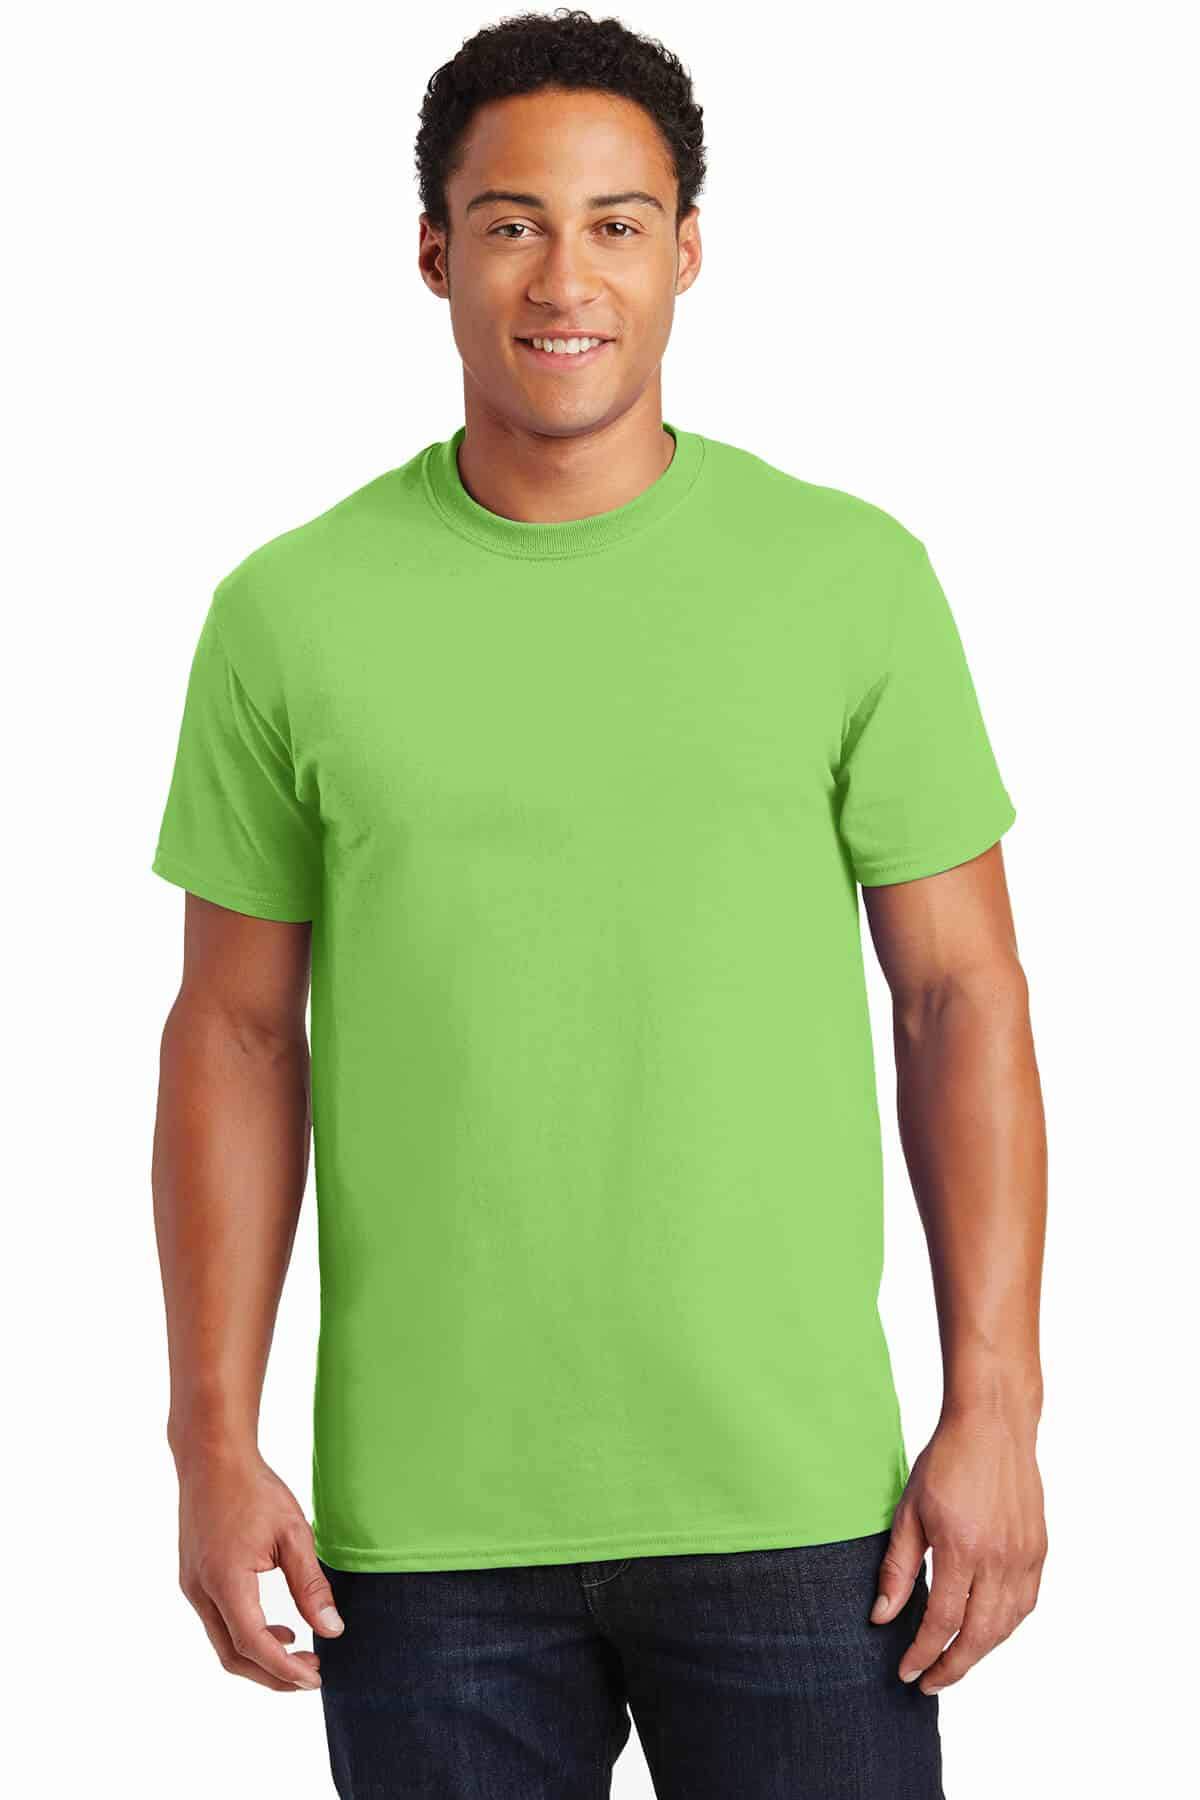 Lime TeeShirt Front